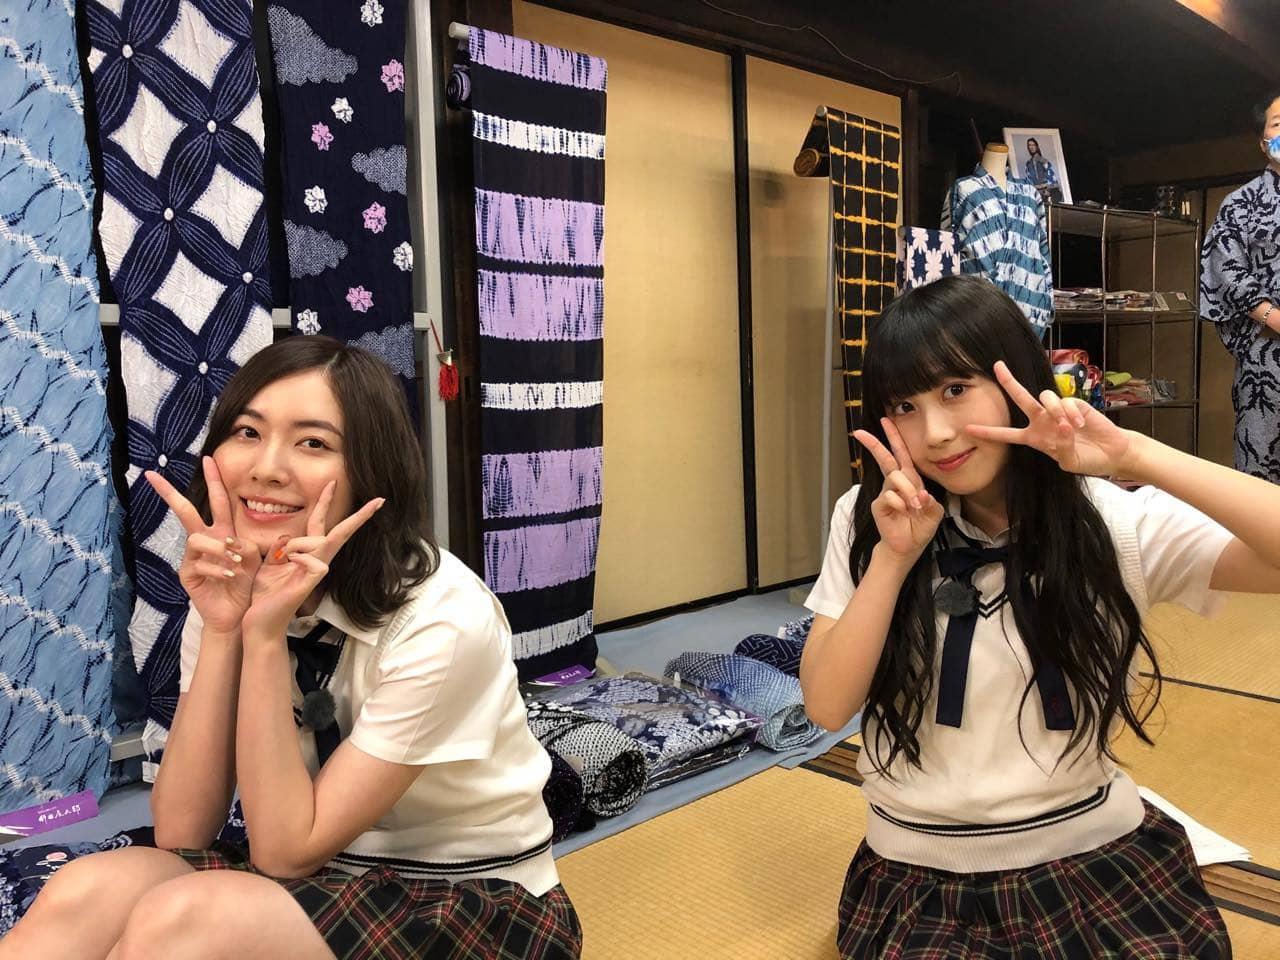 「SKE48は君と歌いたい」井上瑠夏&松井珠理奈が愛知県・有松エリアを訪れる【東海テレビ】